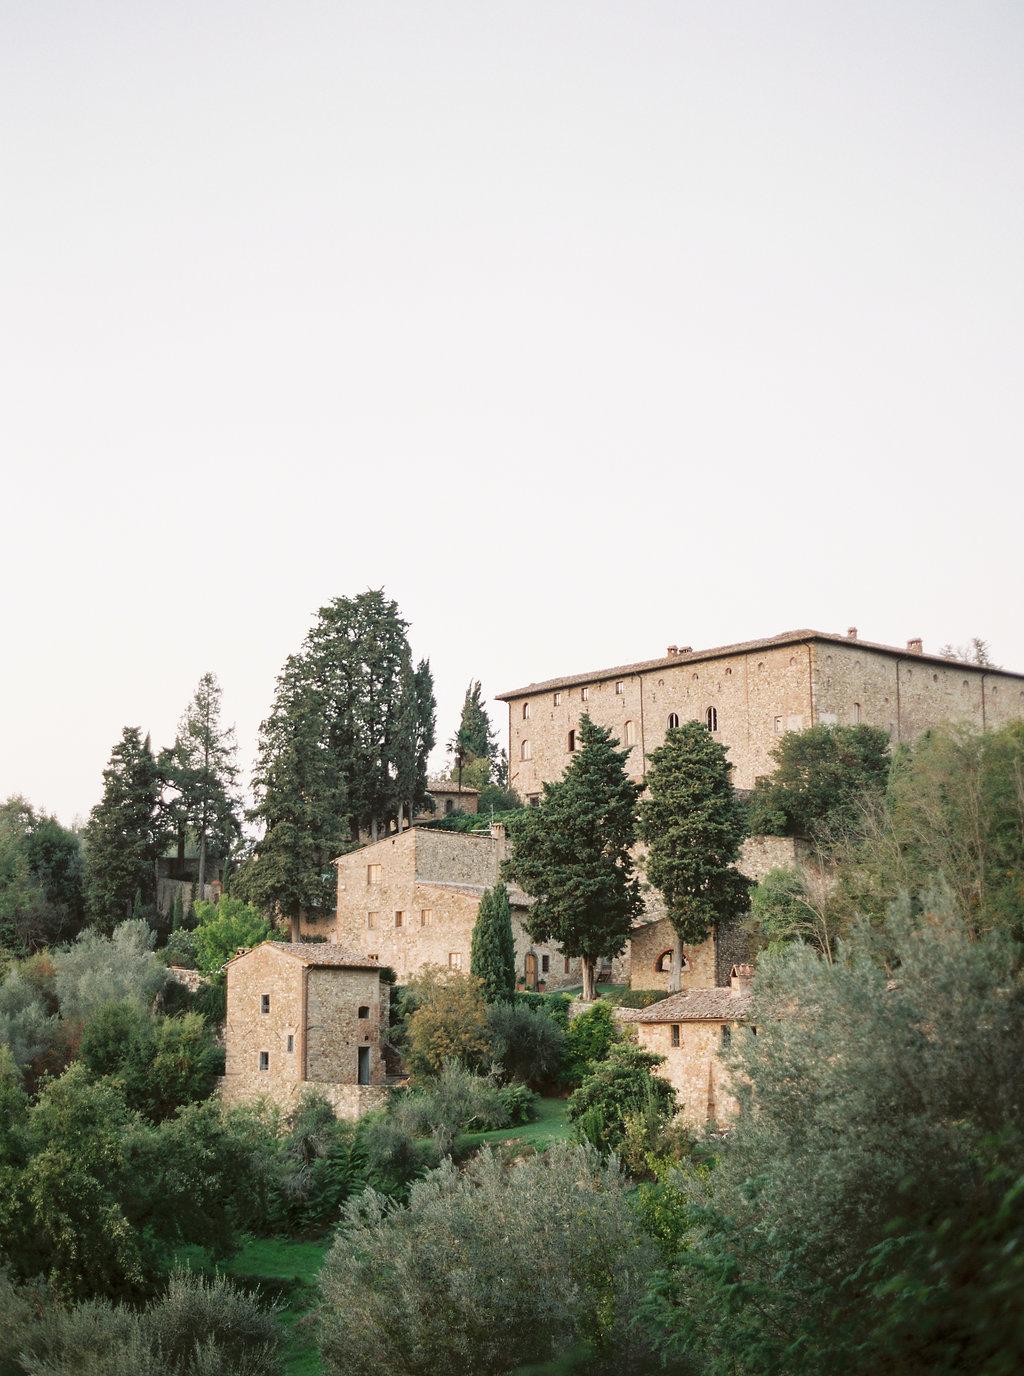 Castello-di-bibbione174